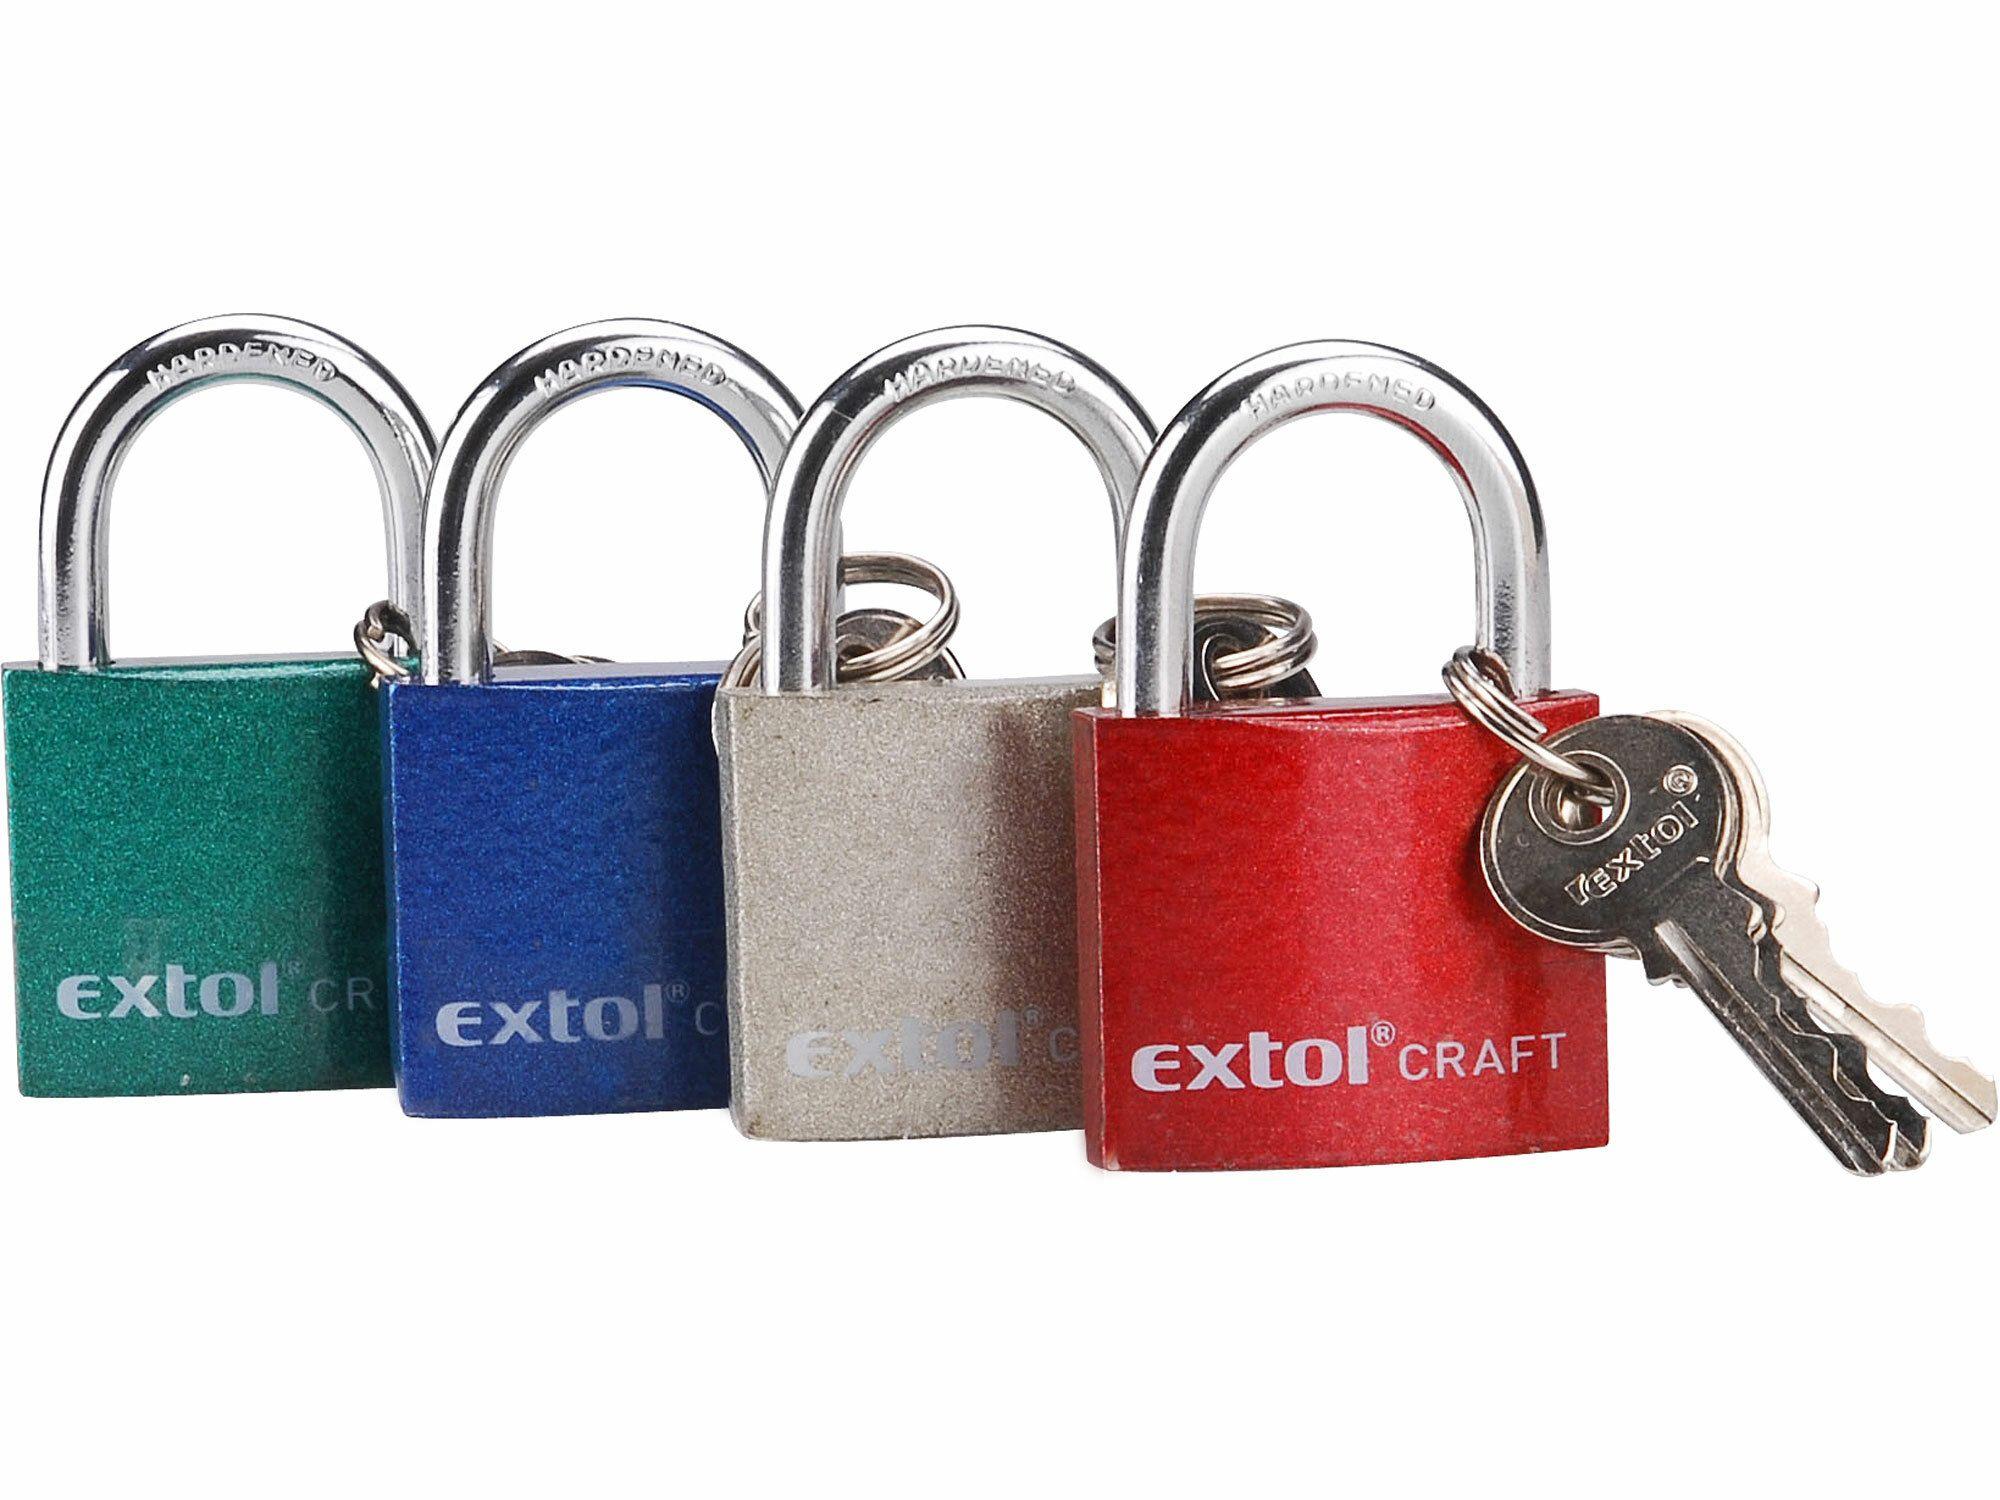 Zámek visací litinový barevný, 38mm, 3 klíče EXTOL-CRAFT